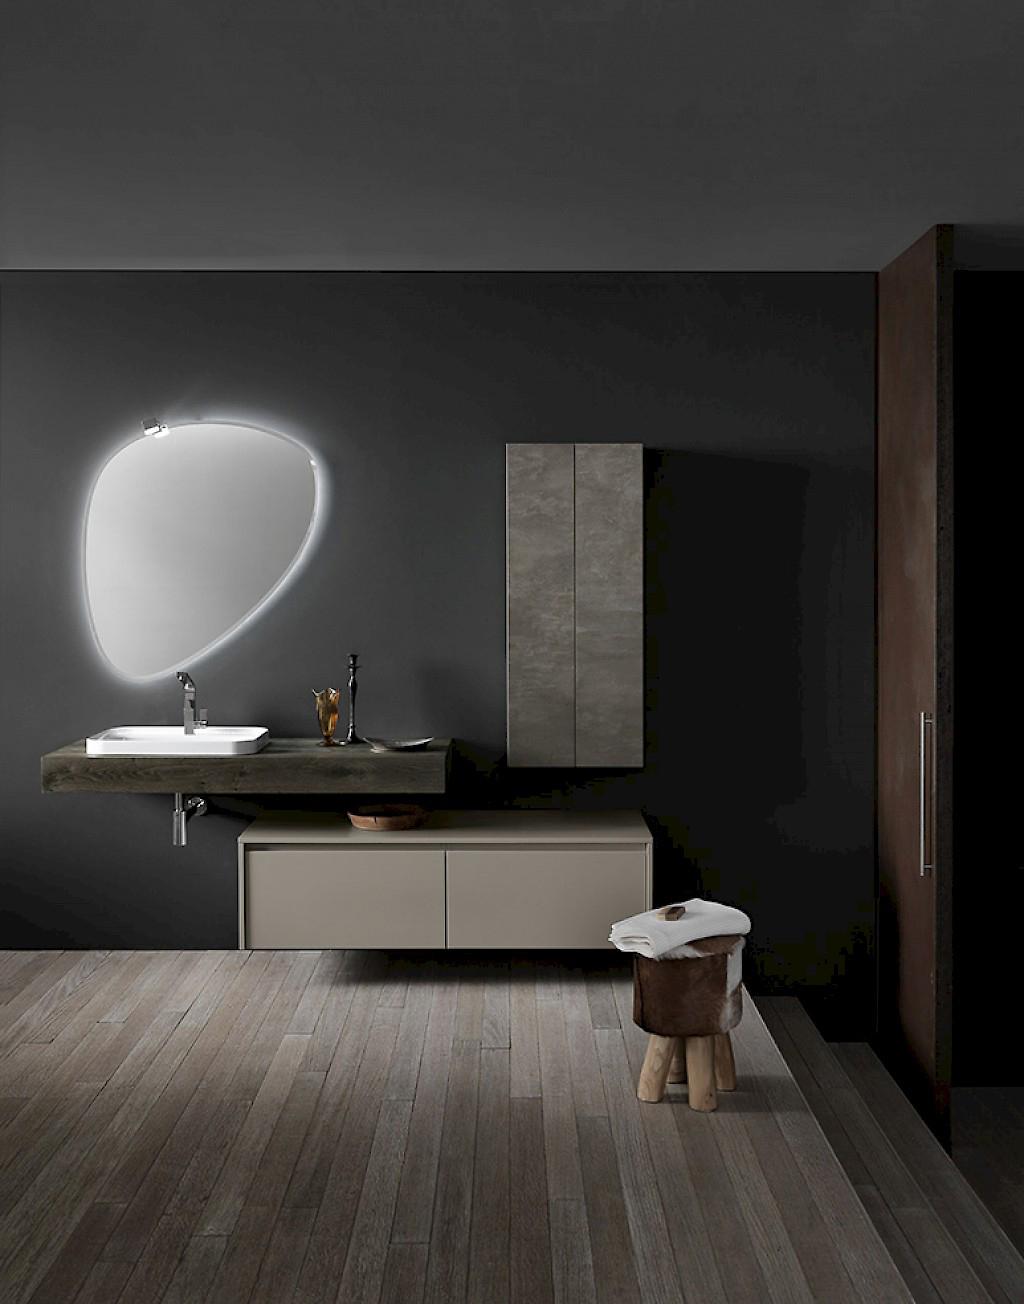 Ink nk01 mobile luxury arredo bagno l 212 x p 51 20 8 cm personalizzabile compab interno77 - Mobili bagno brianza ...